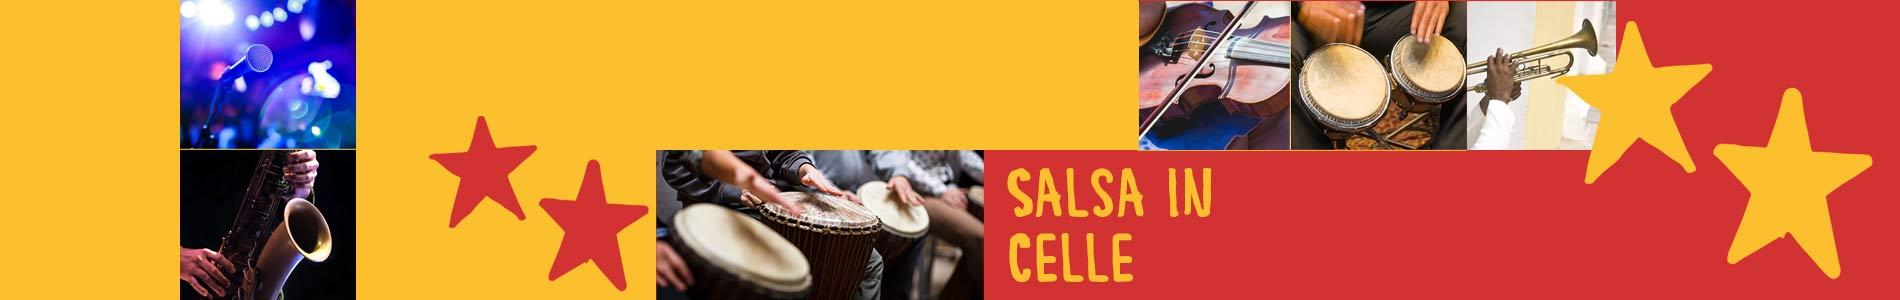 Salsa in Celle – Salsa lernen und tanzen, Tanzkurse, Partys, Veranstaltungen